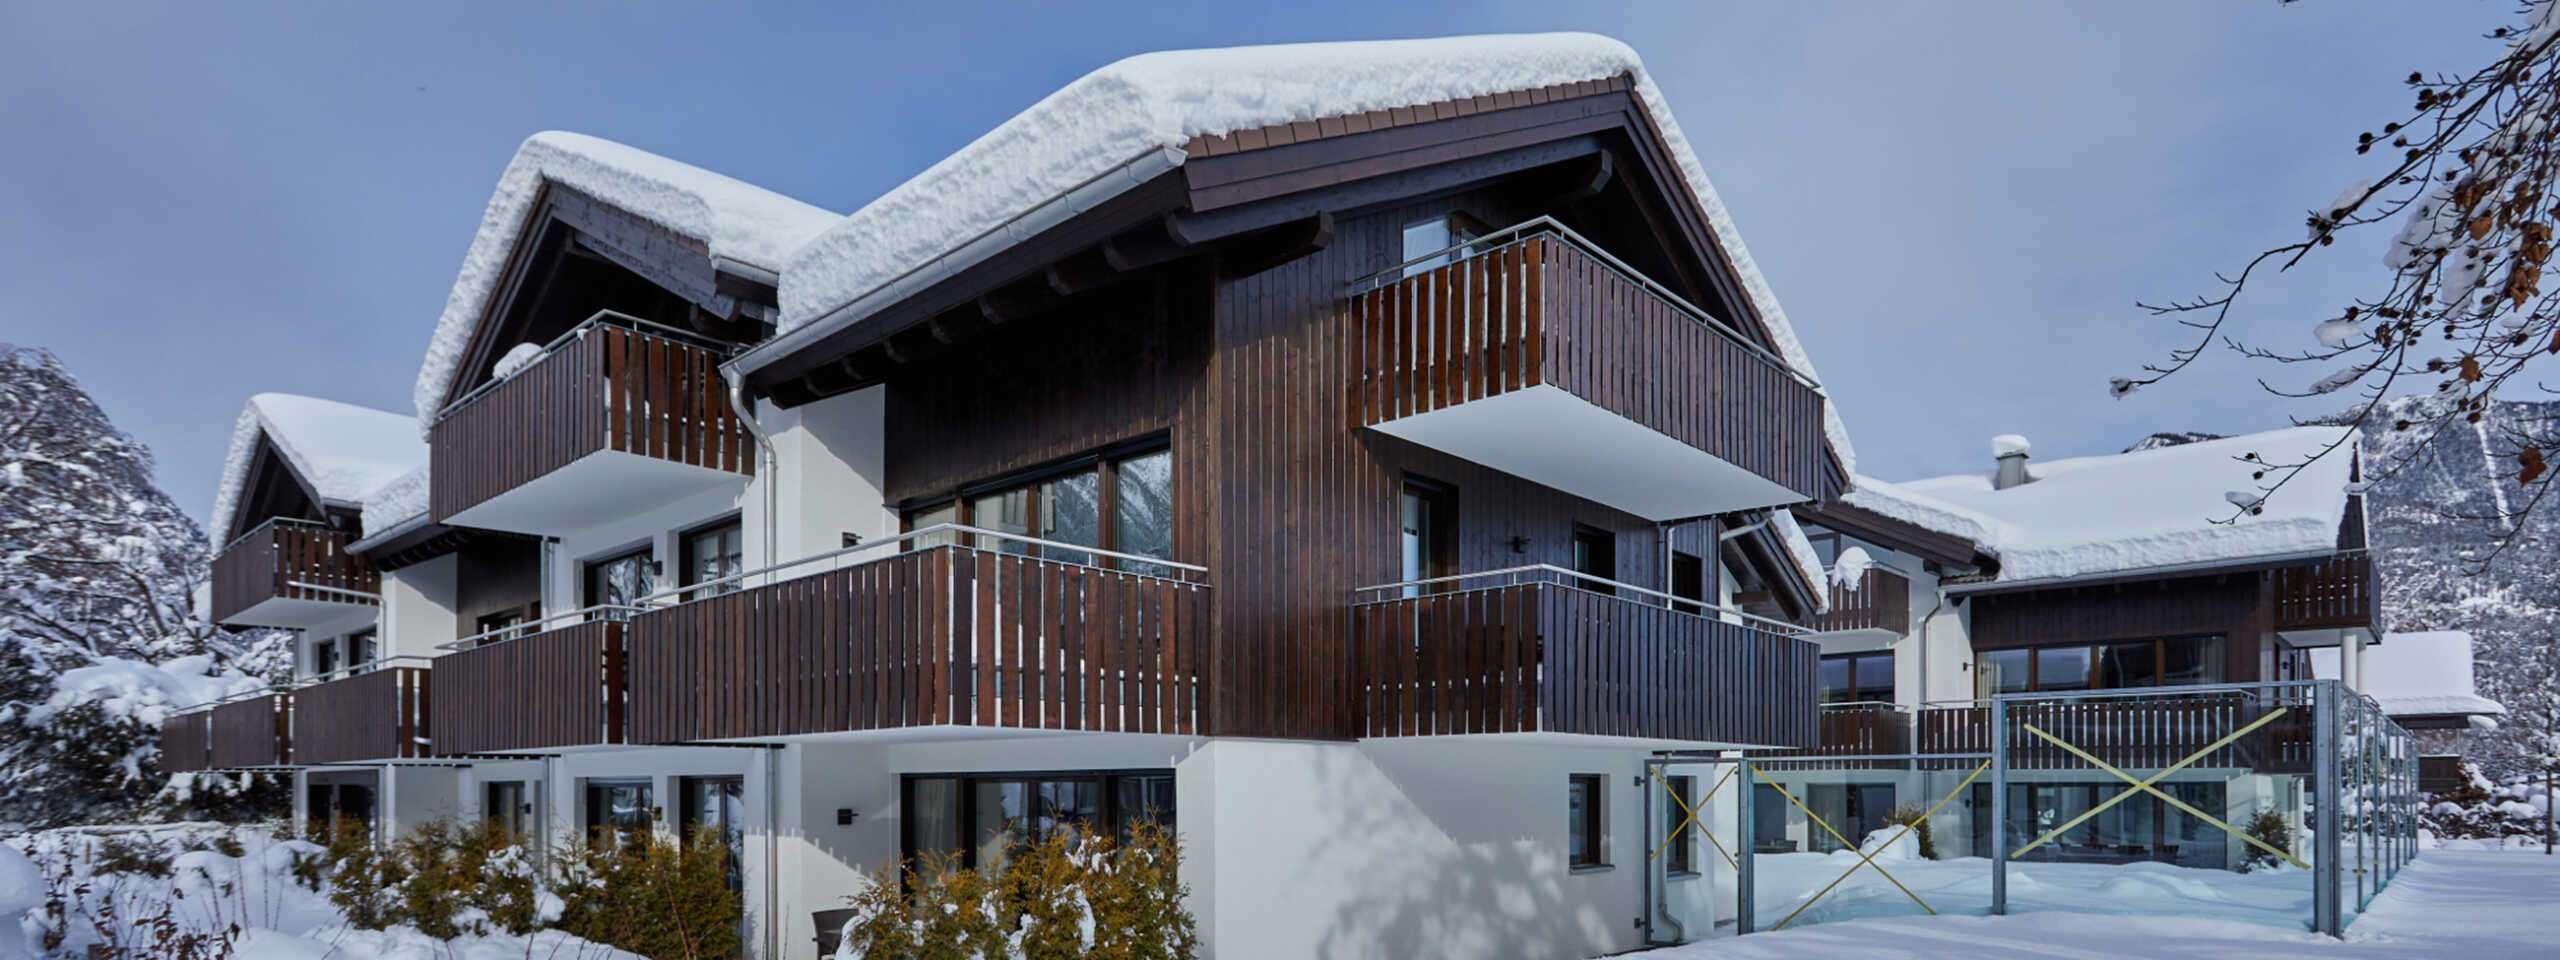 Bildergalerie Aussenbereich Apartmenthäuser Winter01